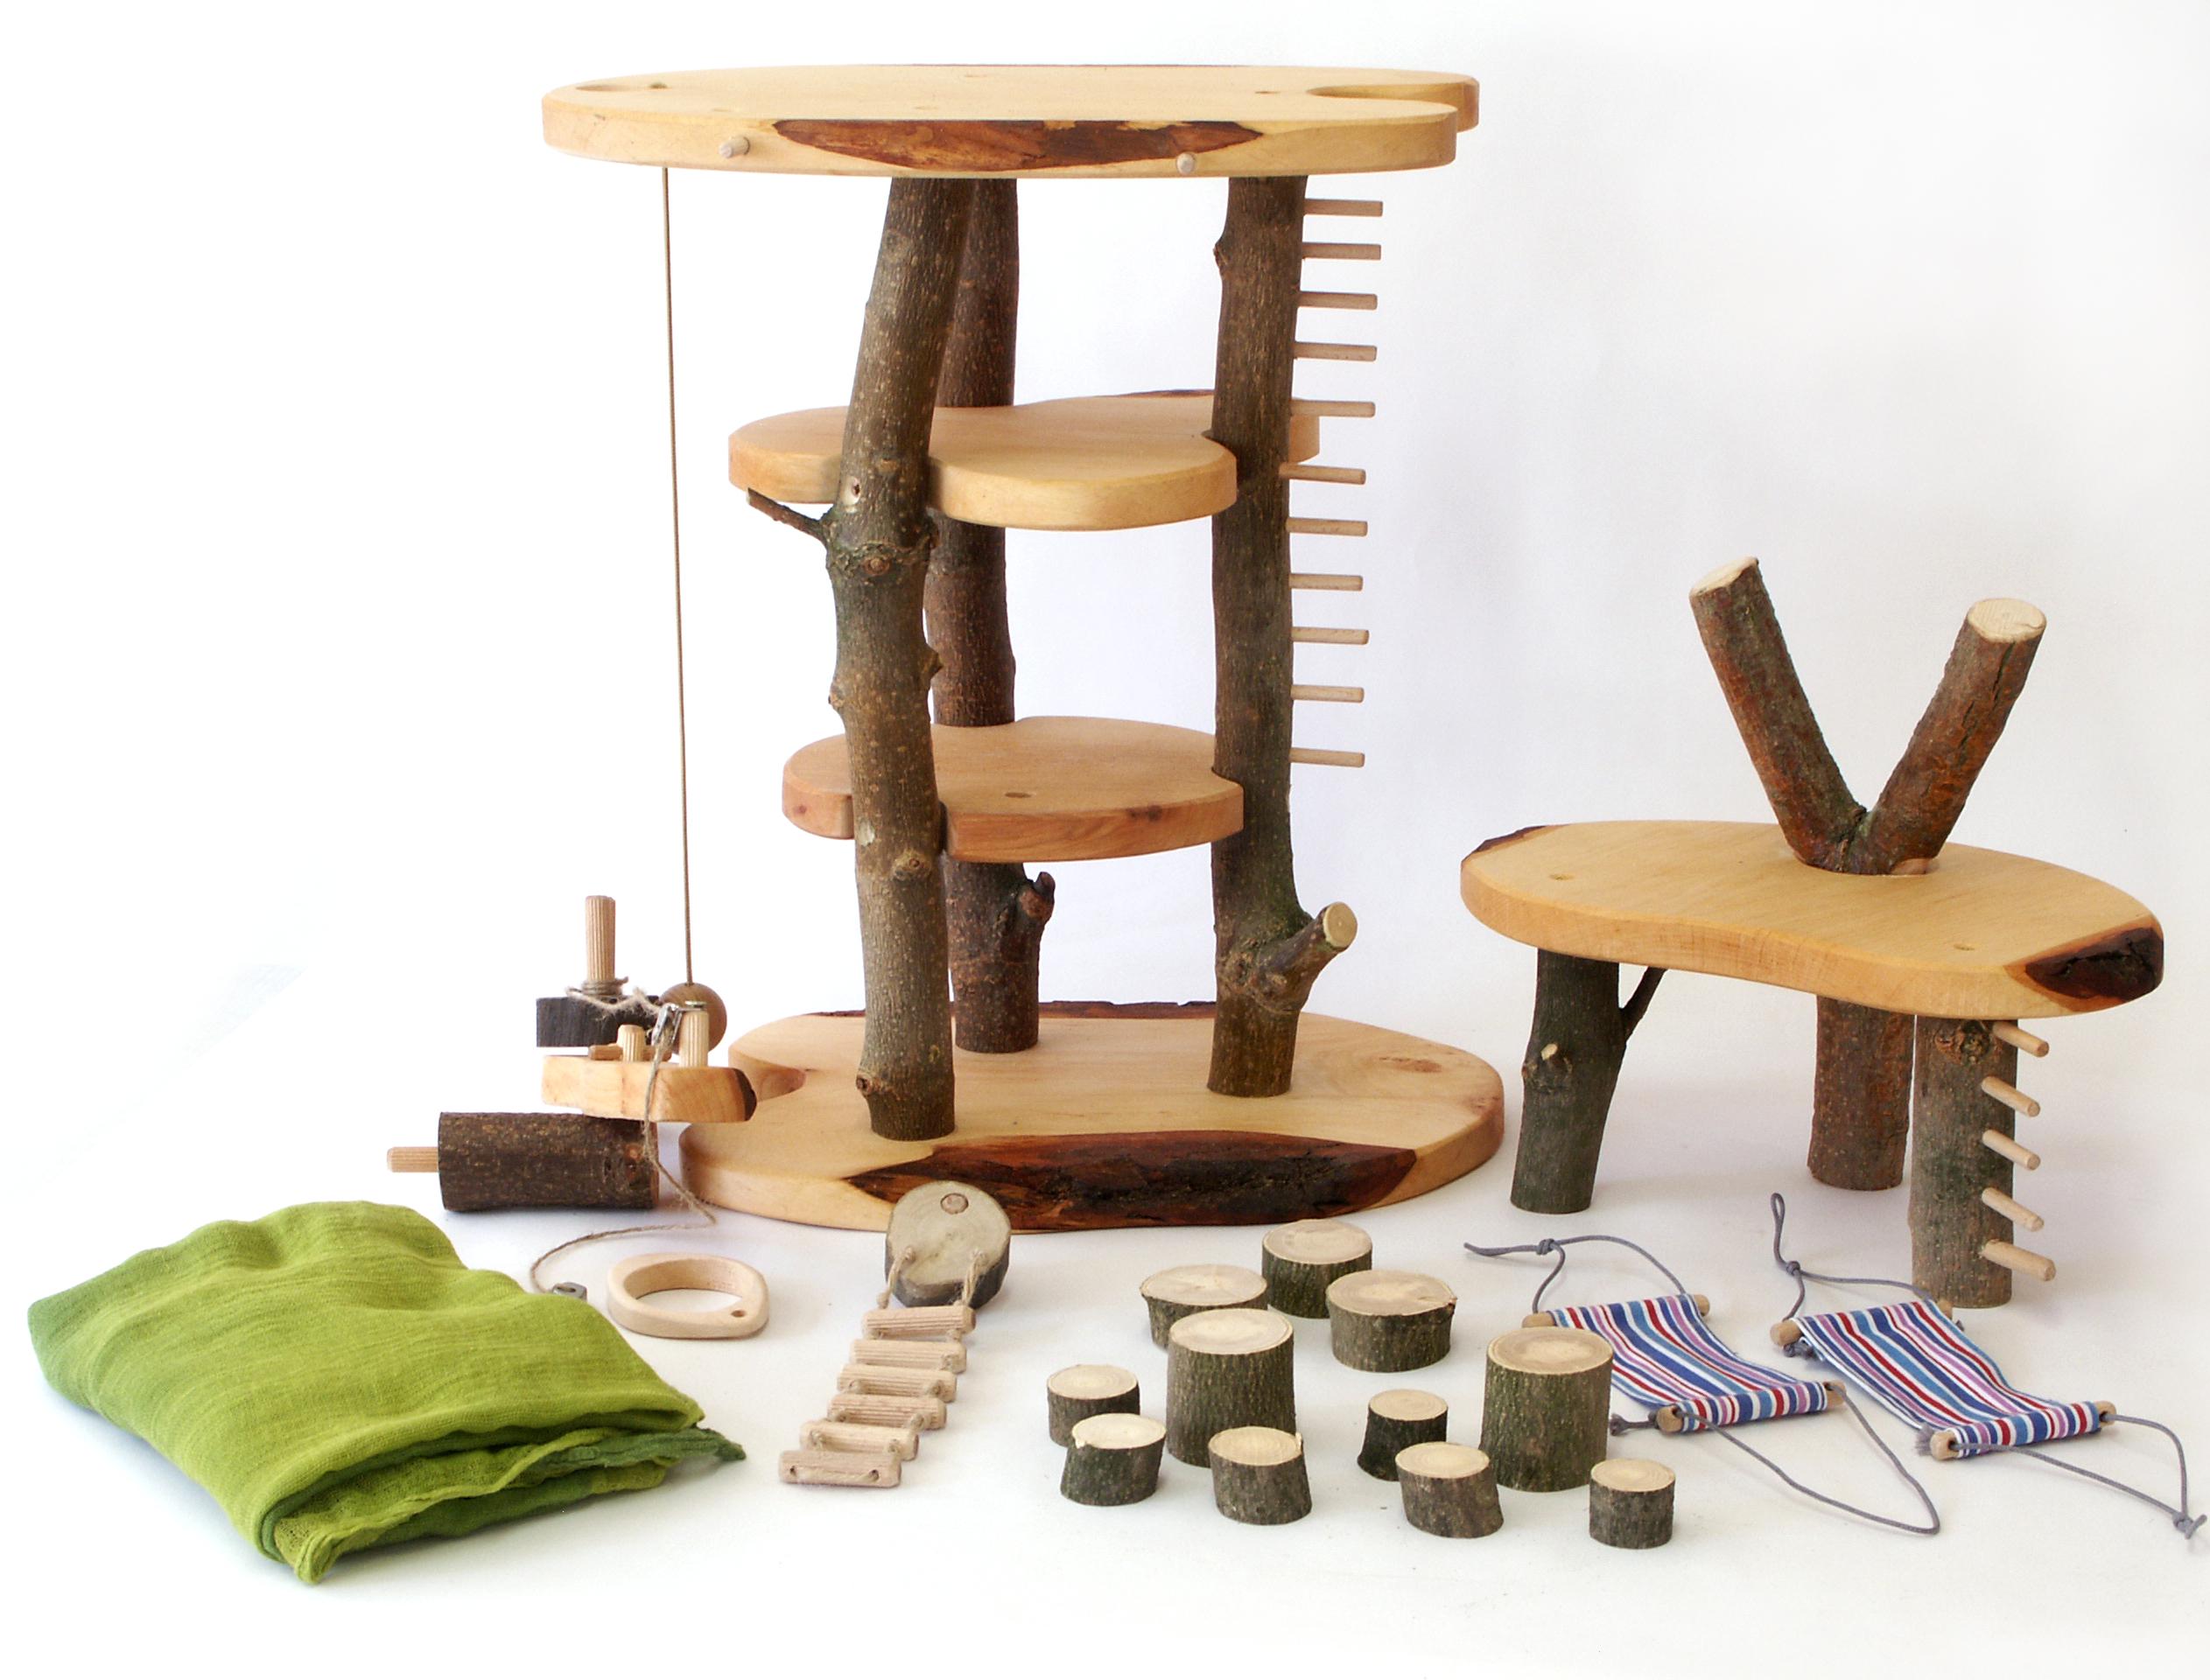 Magic Tree House Toys 77